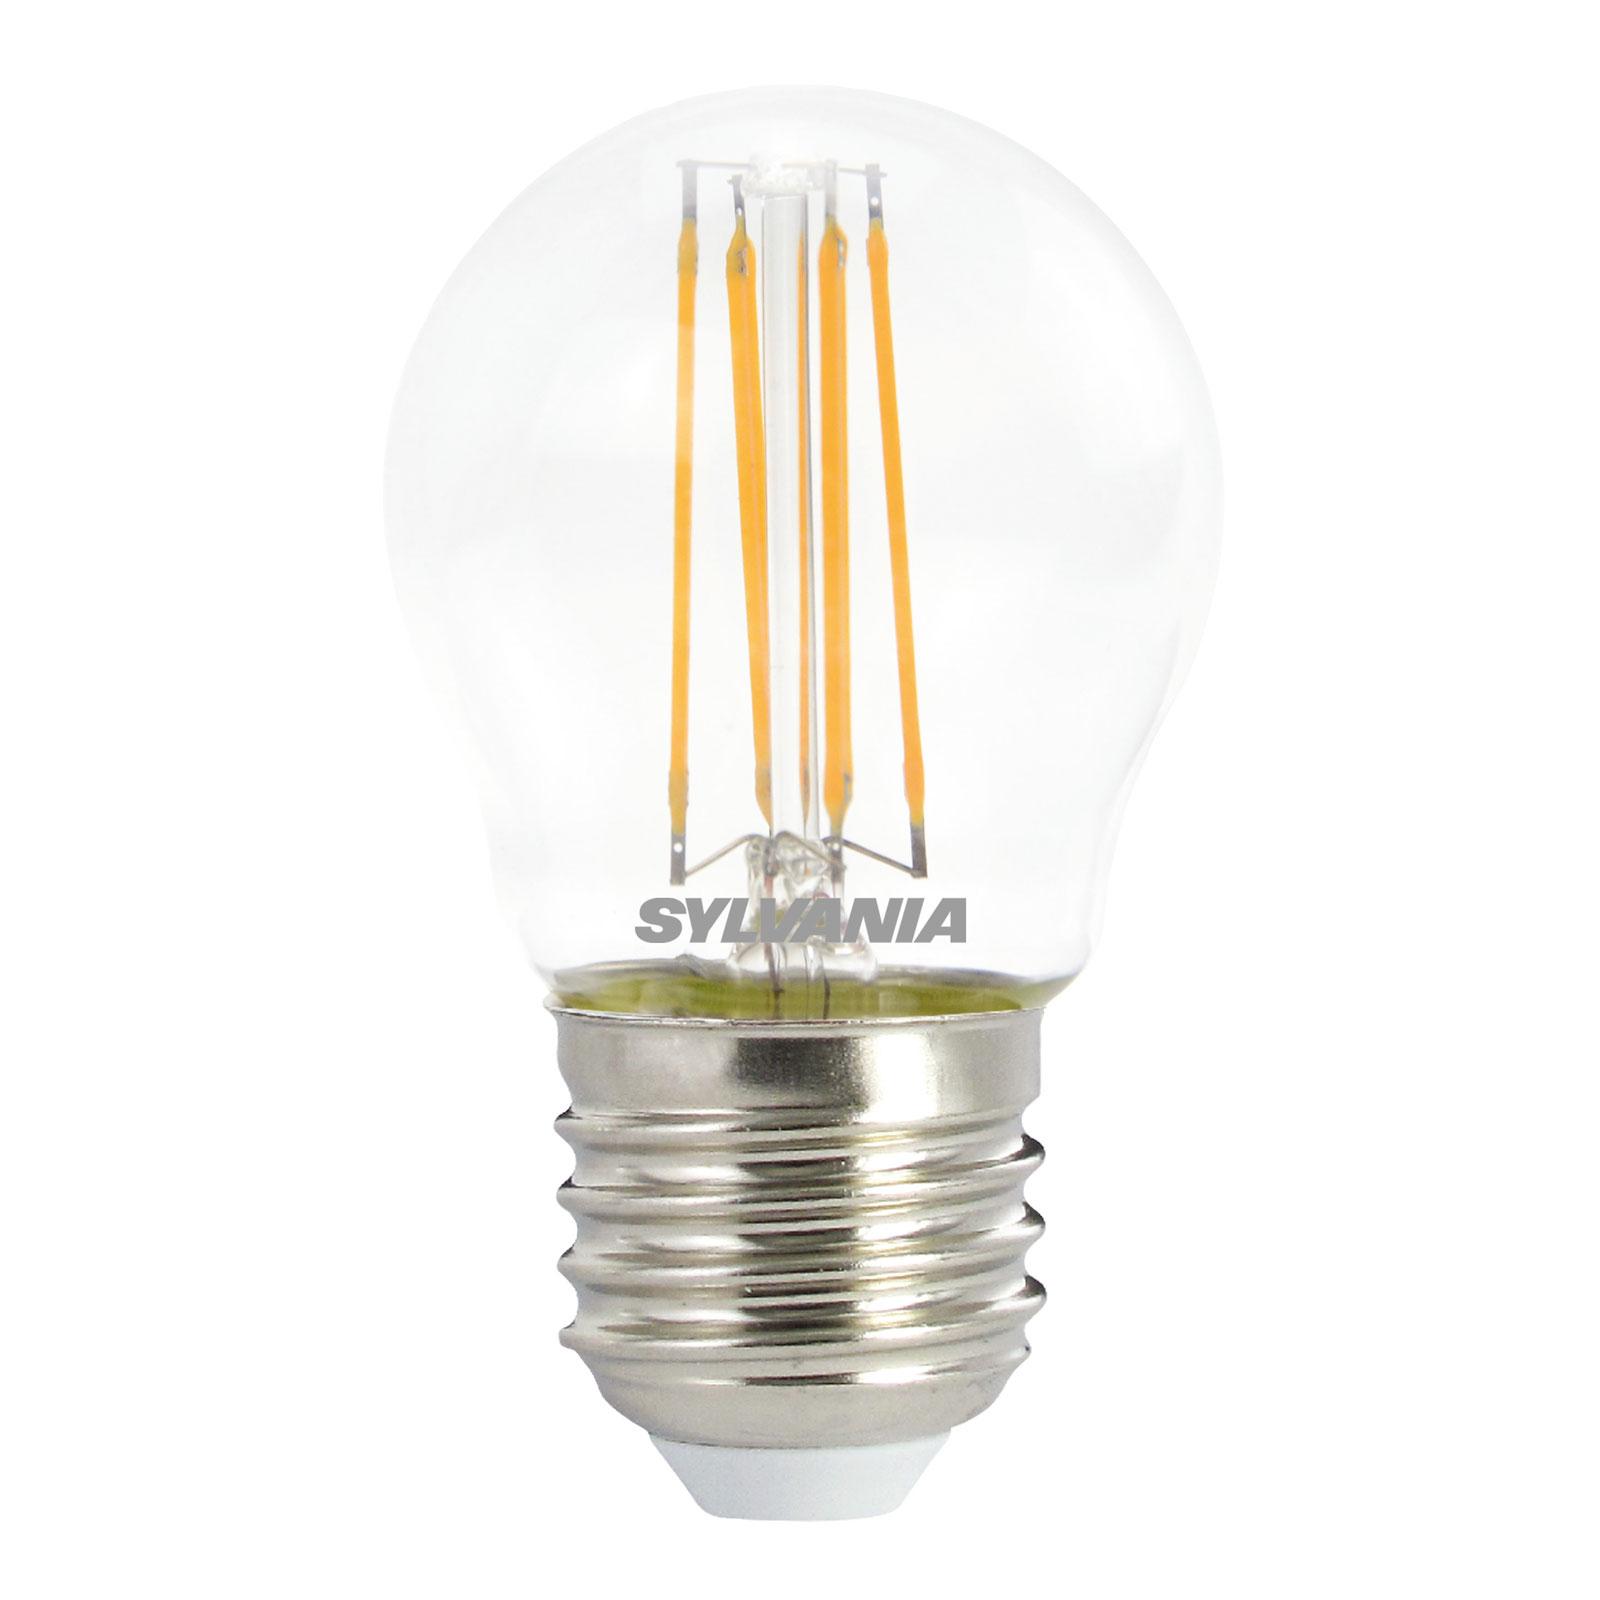 ToLEDo RT Ball LED-pære E27 4,5W 827, kan dæmpes